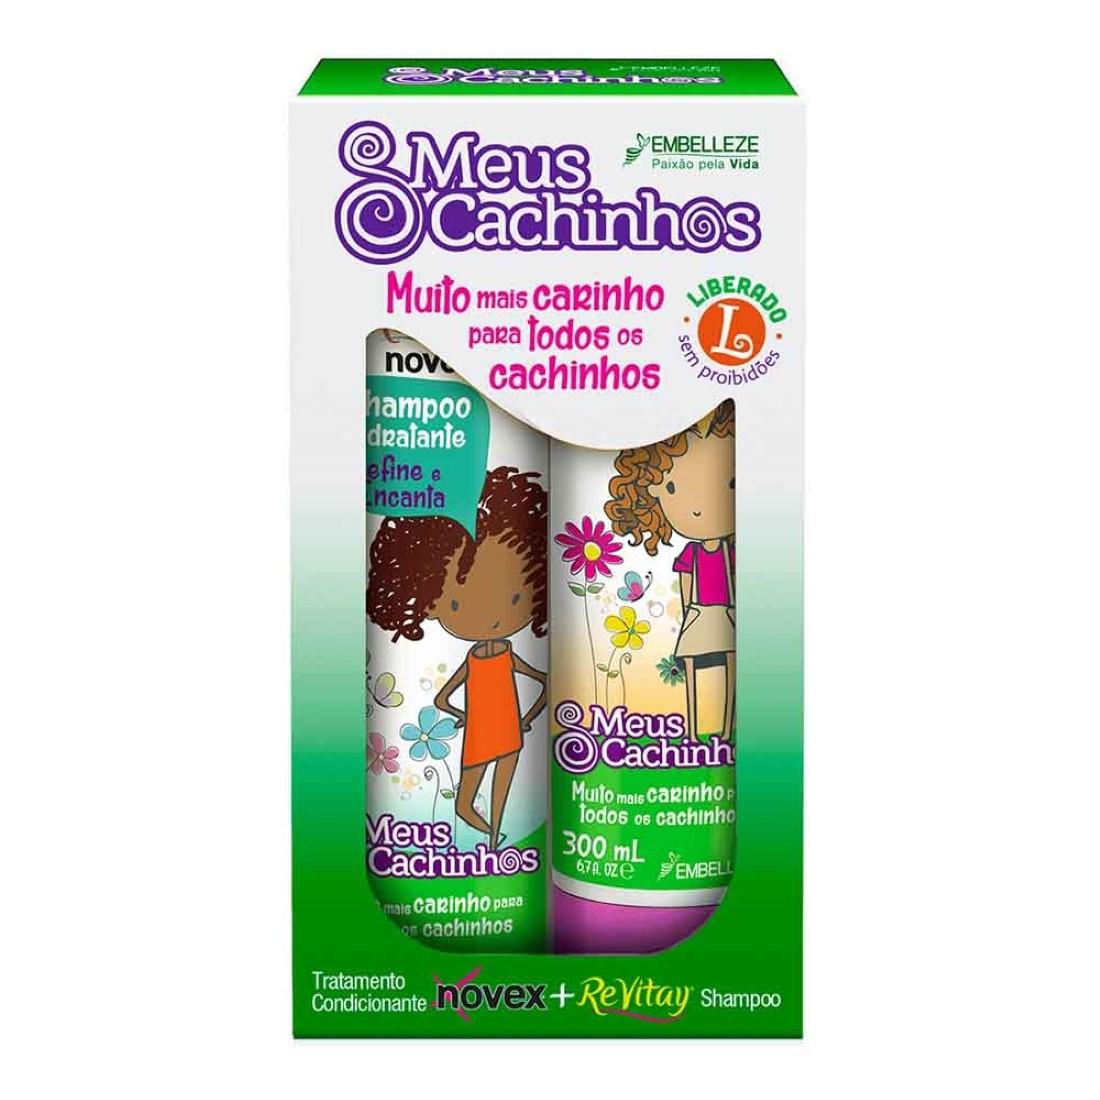 Kit Shampoo e Condicionador Meus Cachinhos Novex - Embelleze